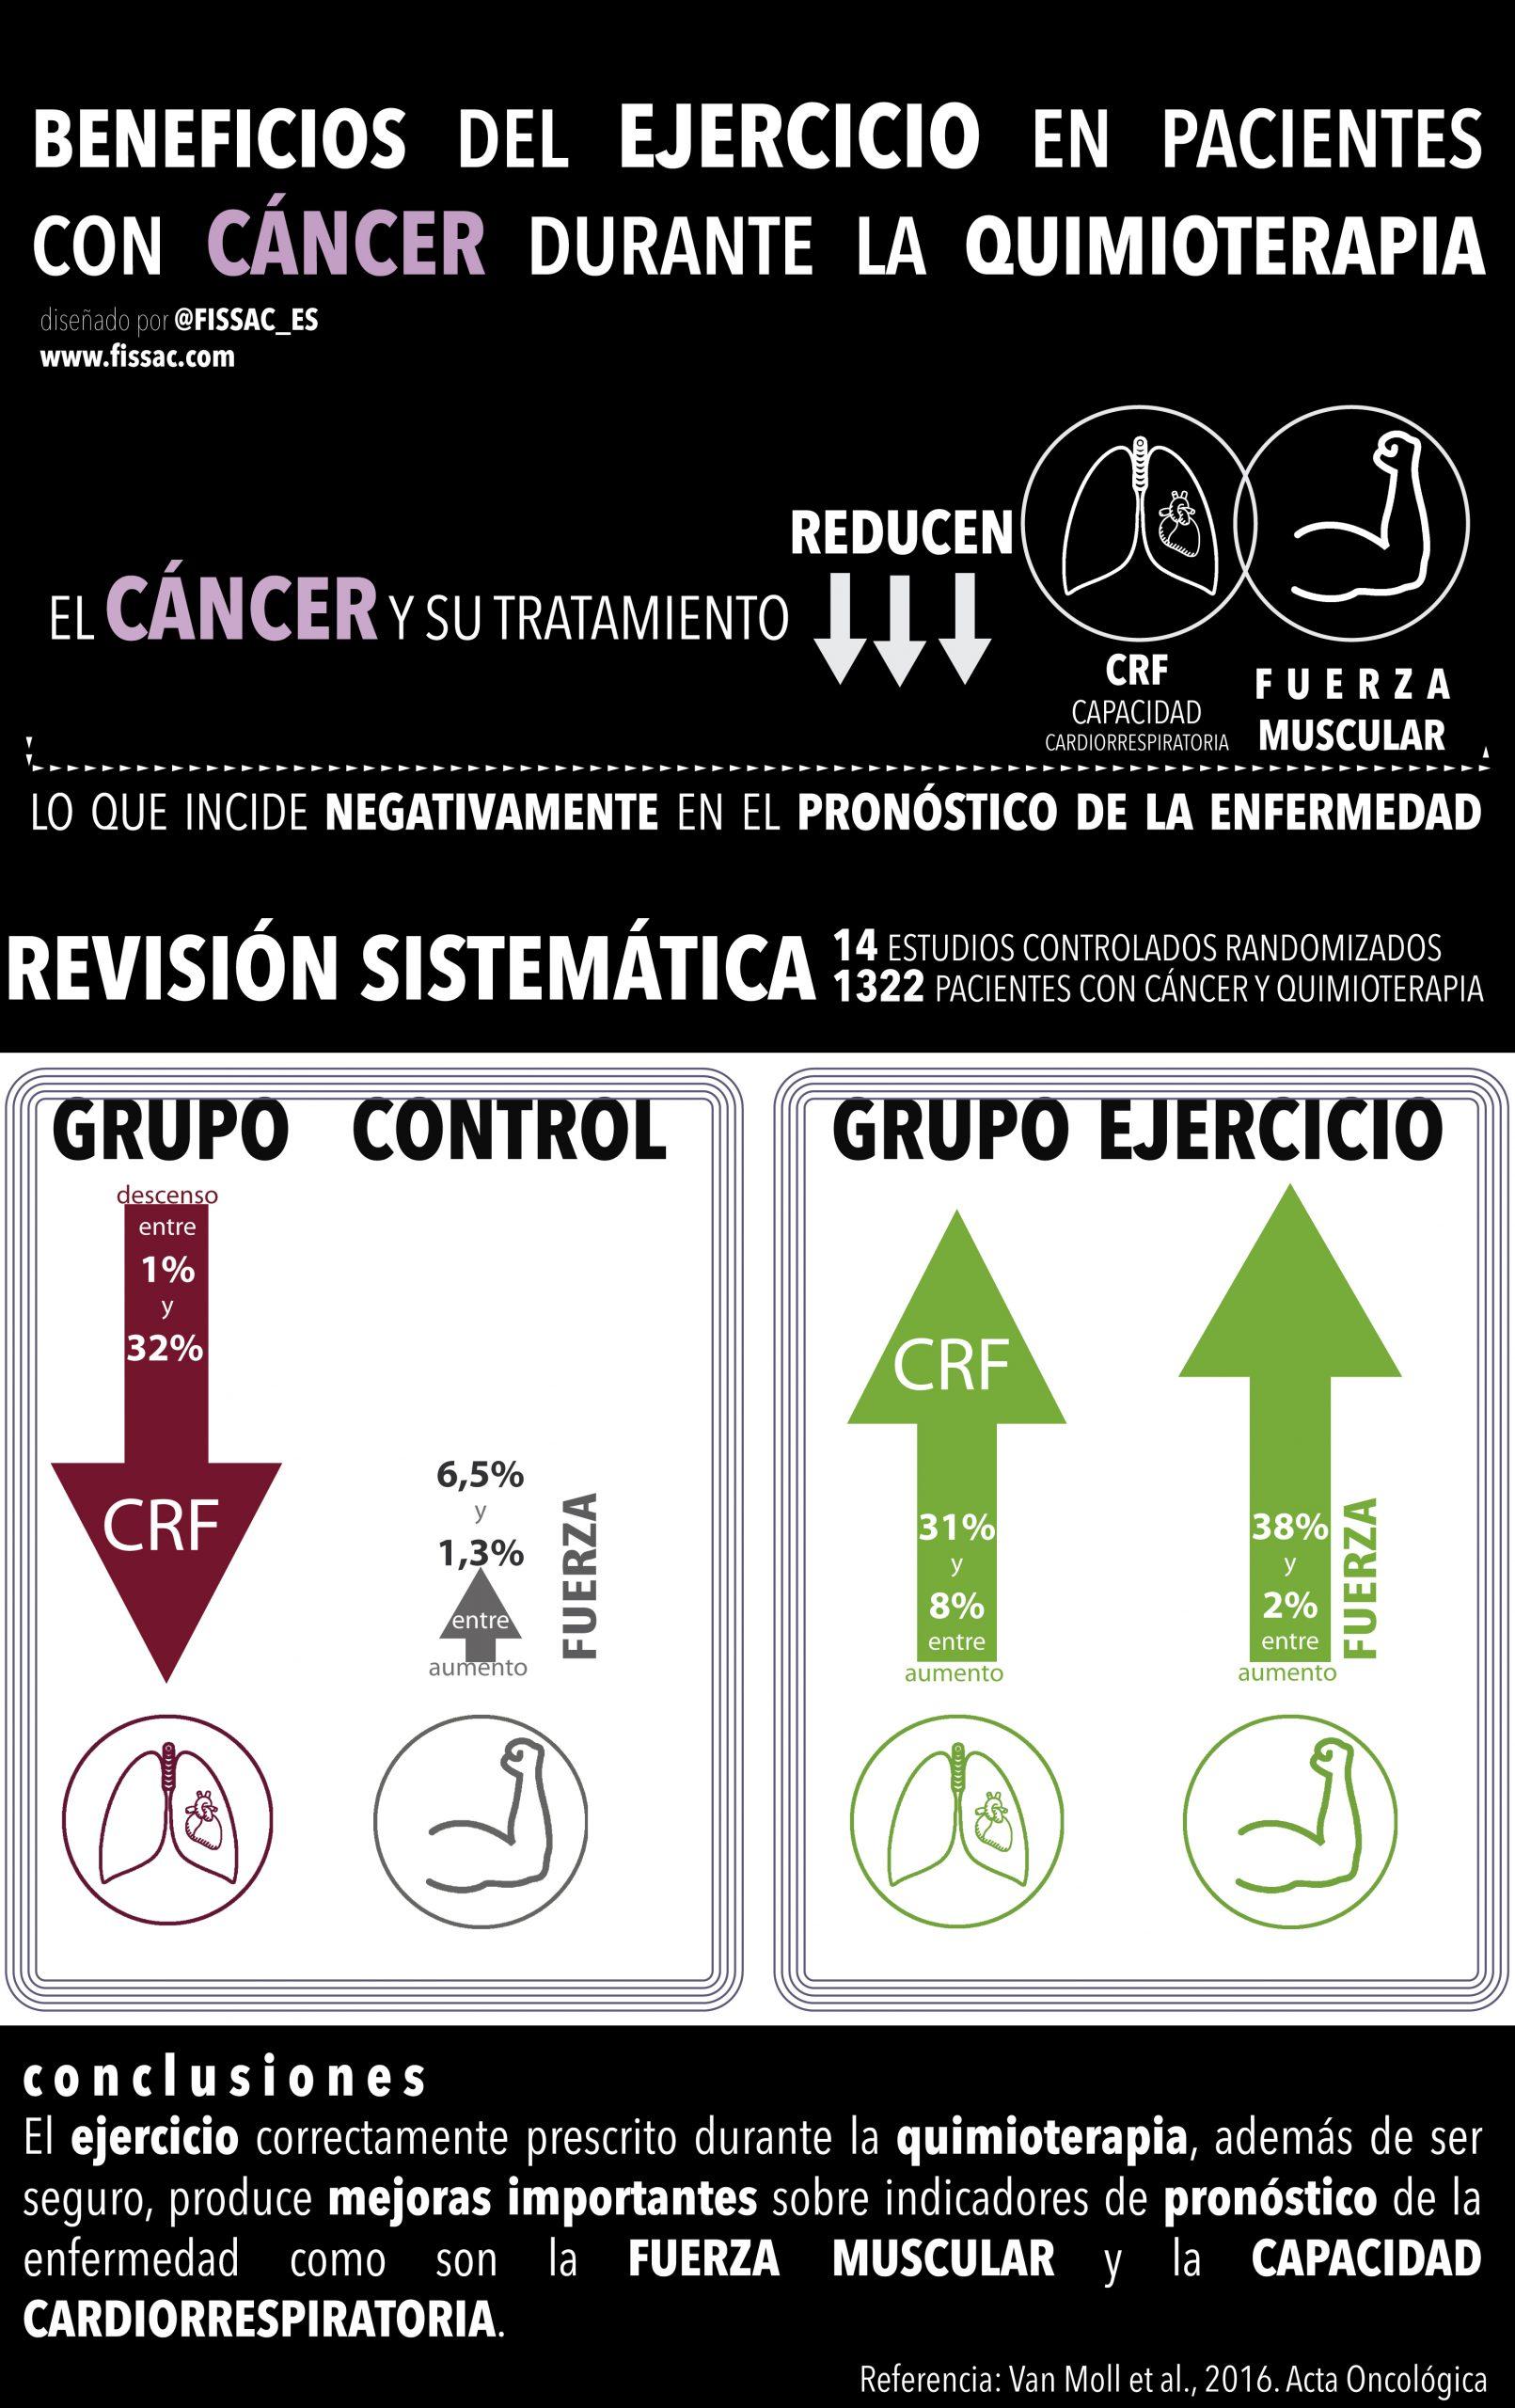 fissac_cáncer y ejercicio